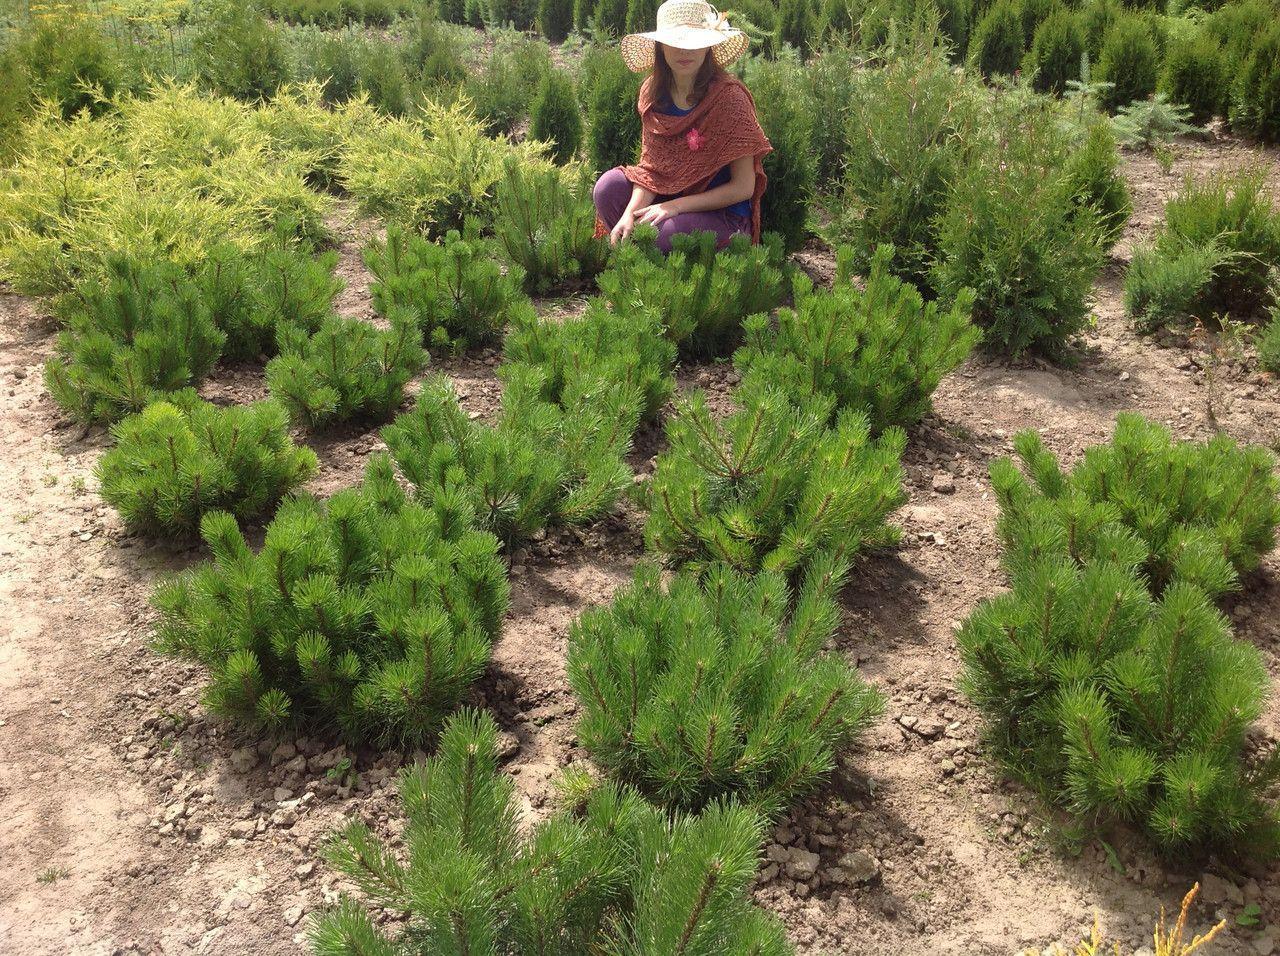 Популярные сорта горной сосны, особенности посадки и ухода за ними